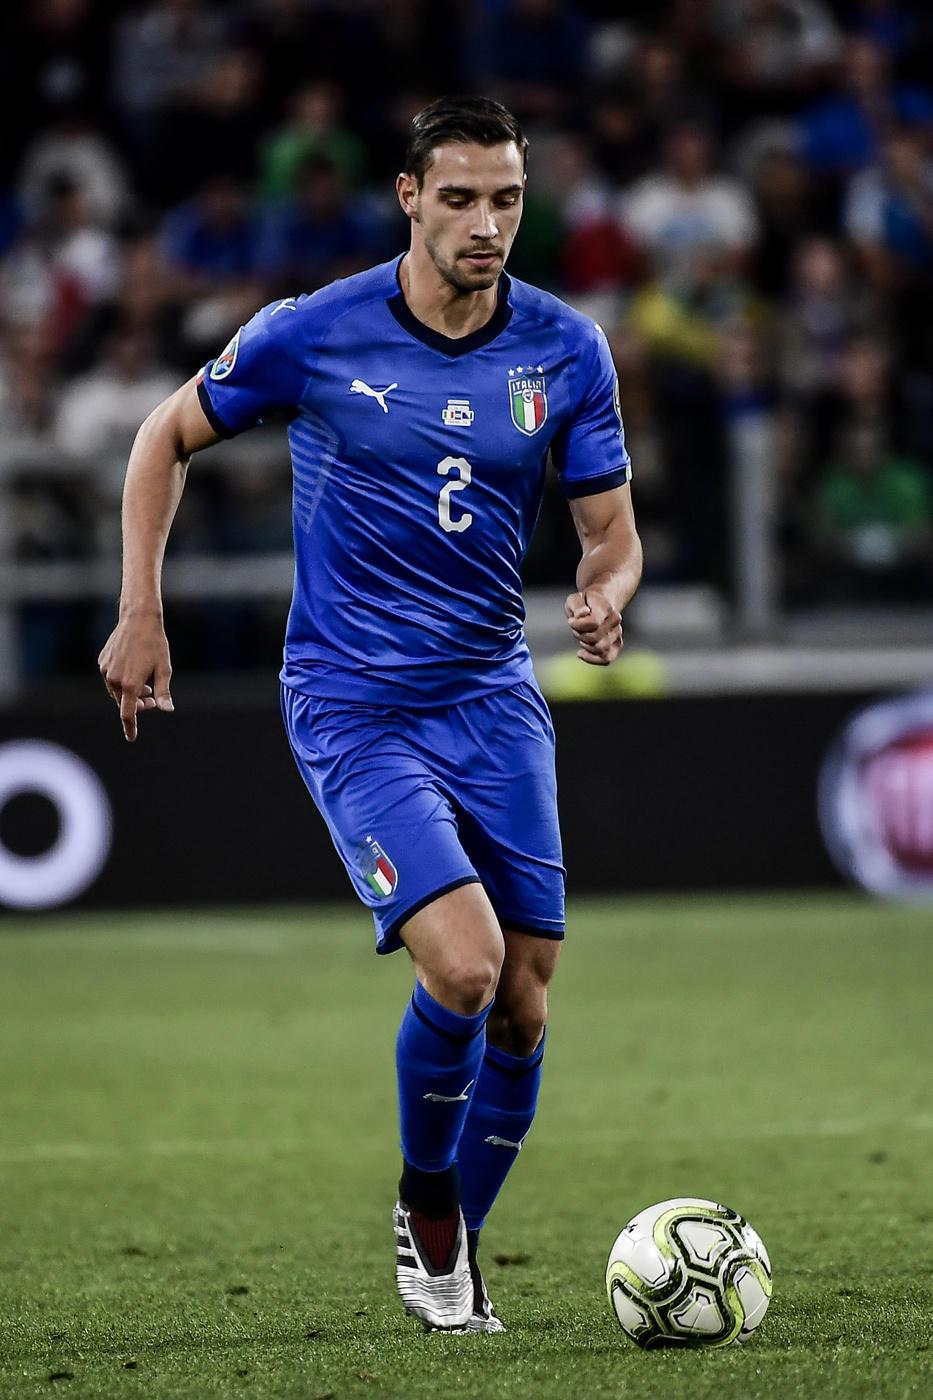 dal 66' De Sciglio 6 - Entra al posto di Mancini e svolge il suo compito in copertura con tranquillità.